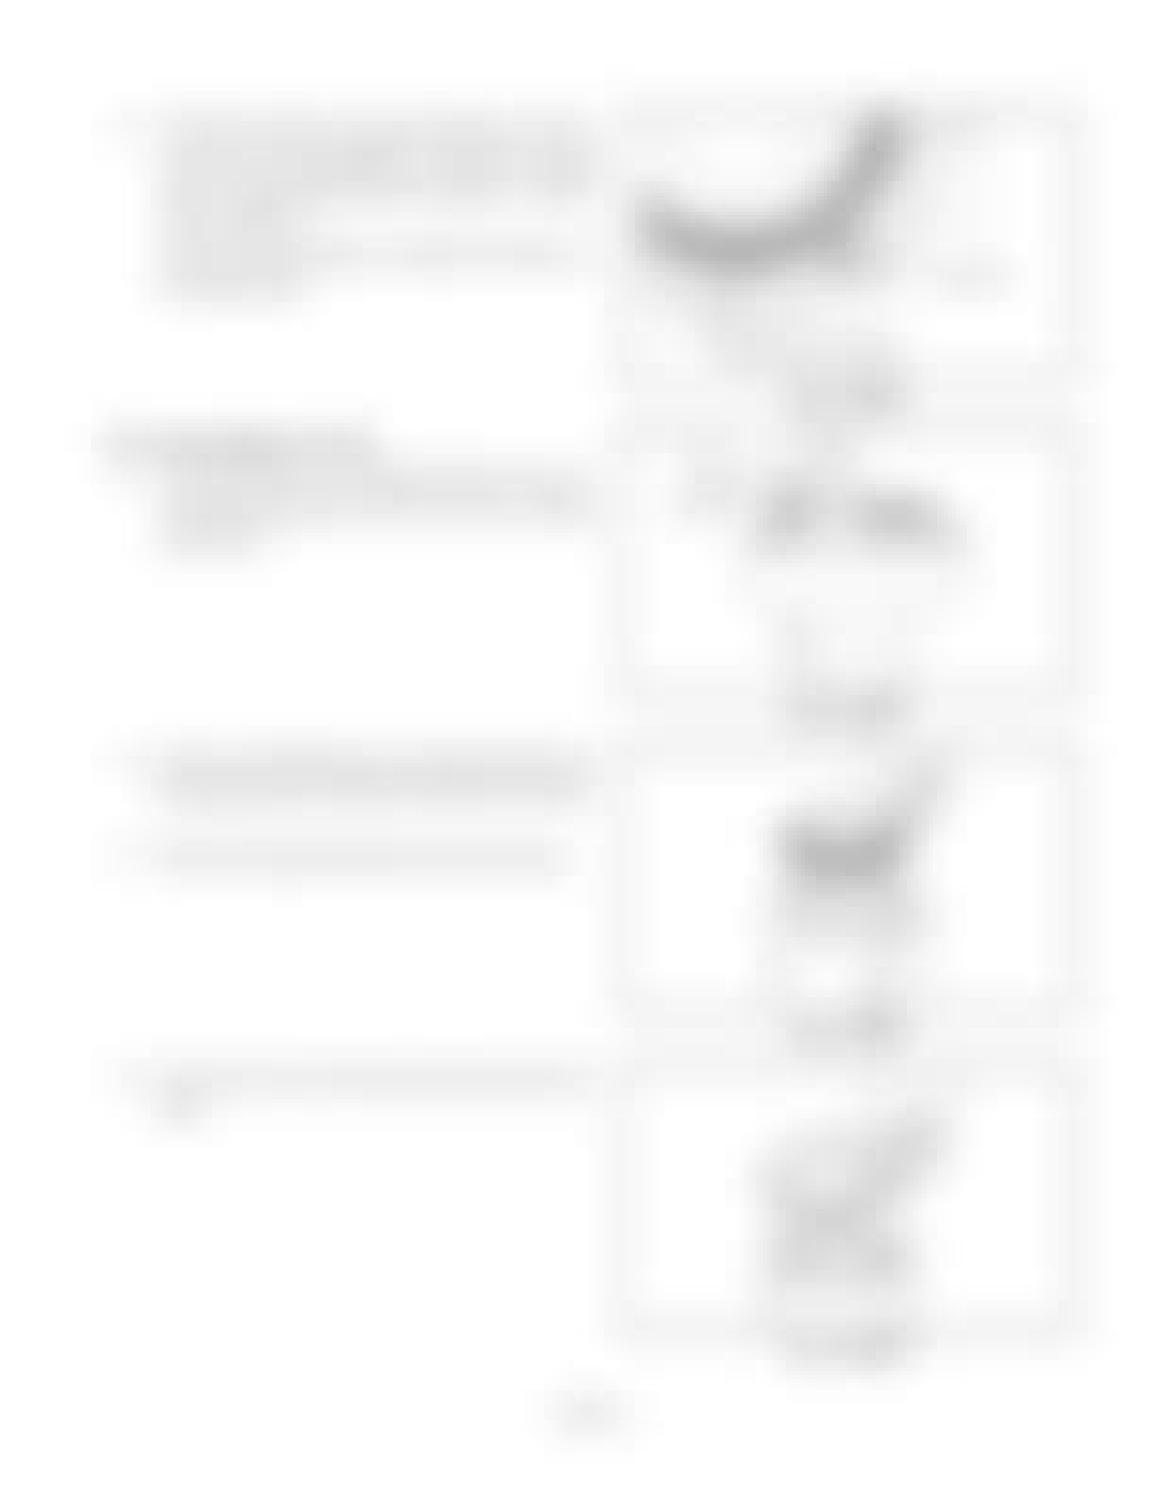 Hitachi LX110-7 LX130-7 LX160-7 LX190-7 LX230-7 Wheel Loader Workshop Manual - PDF DOWNLOAD page 209